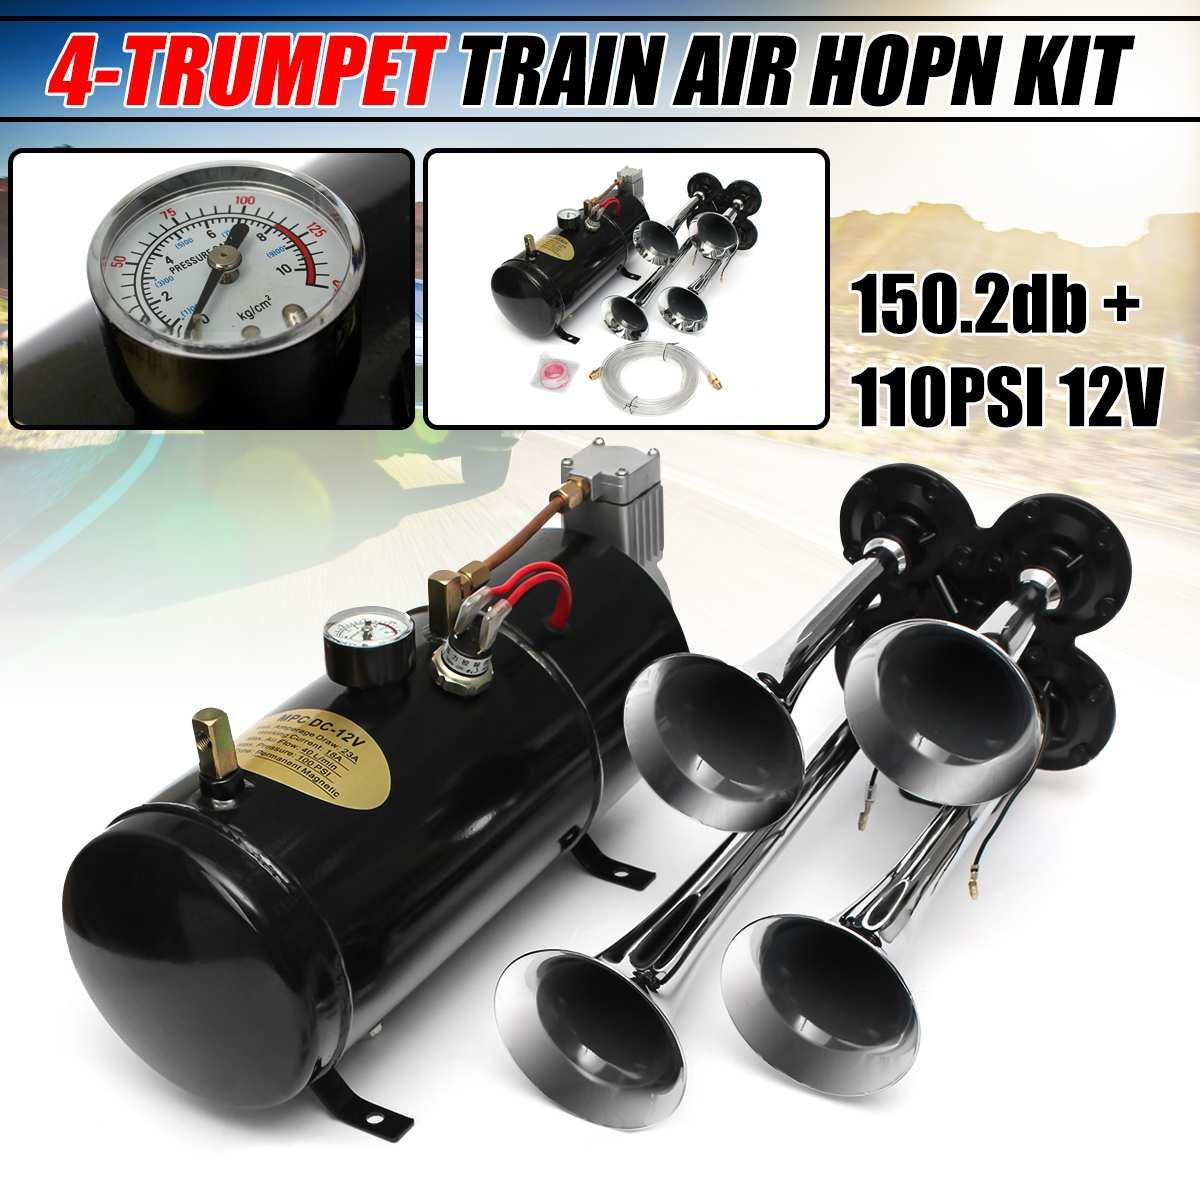 Universel 12 V 150.2 db moto voiture camions bateaux 4 trompette Air klaxon compresseur tubes